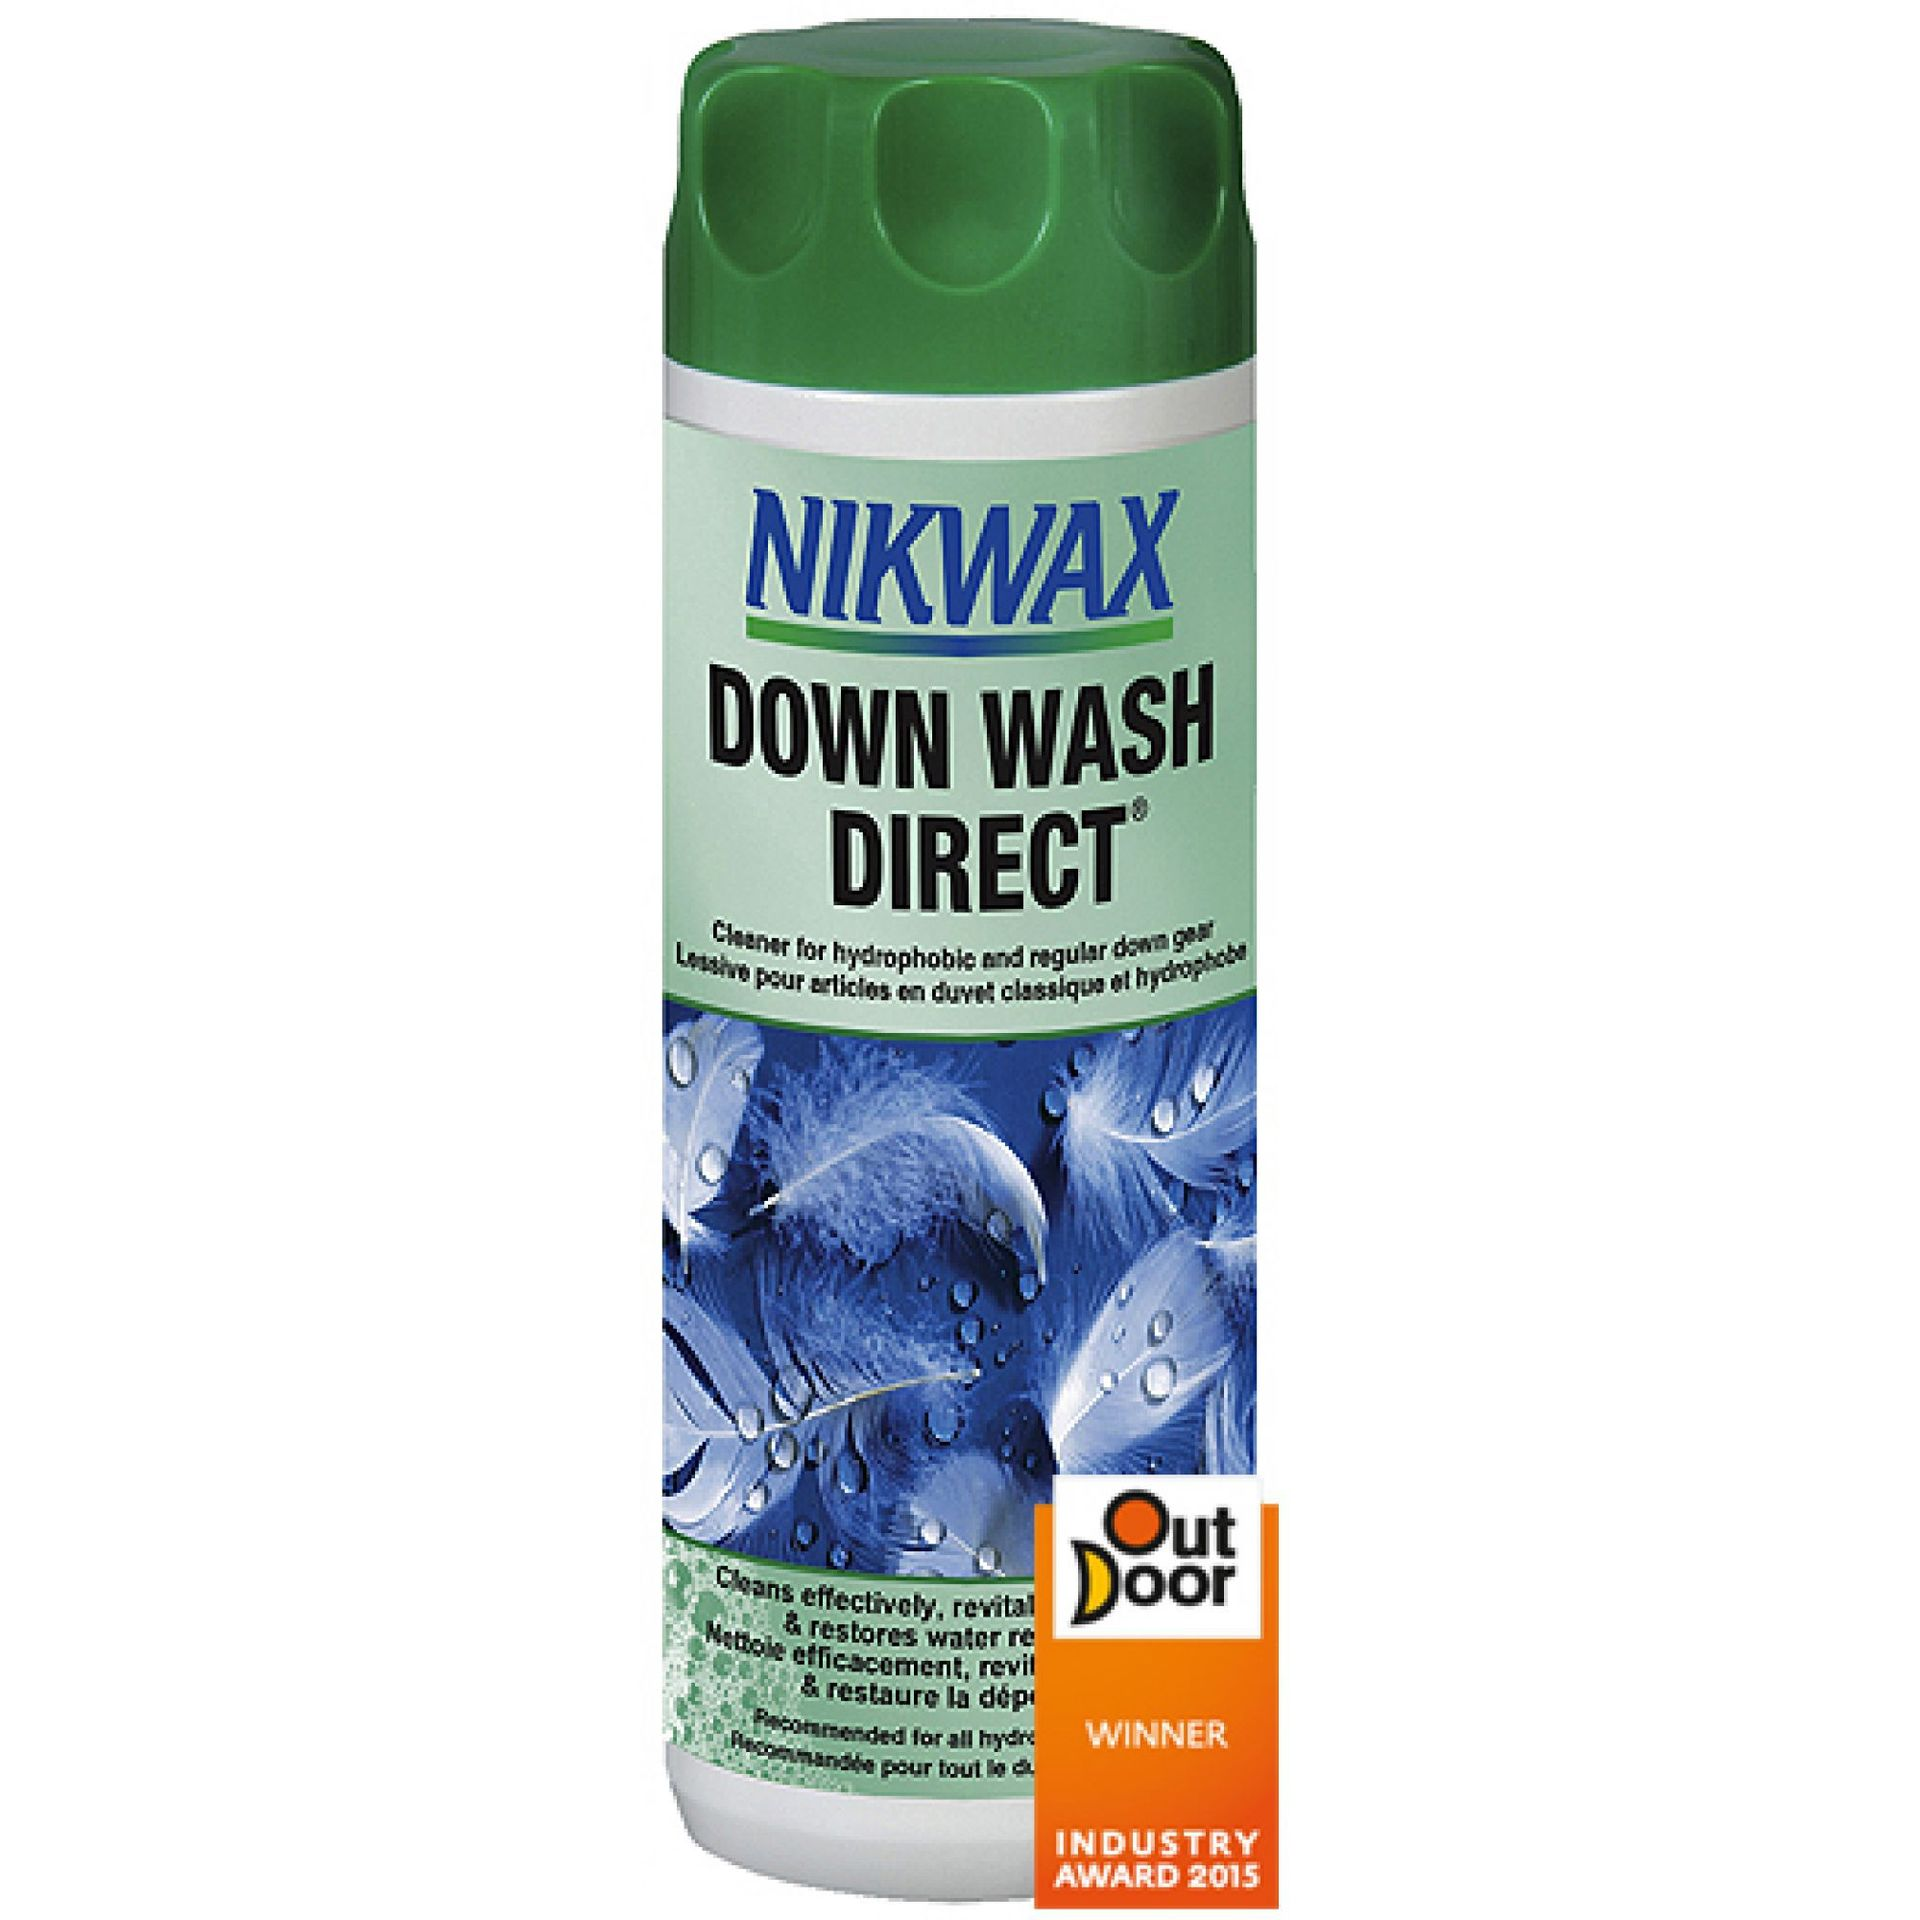 ŚRODEK CZYSZCZĄCY I IMPREGNUJĄCY NIKWAX DOWN WASH DIRECT 2